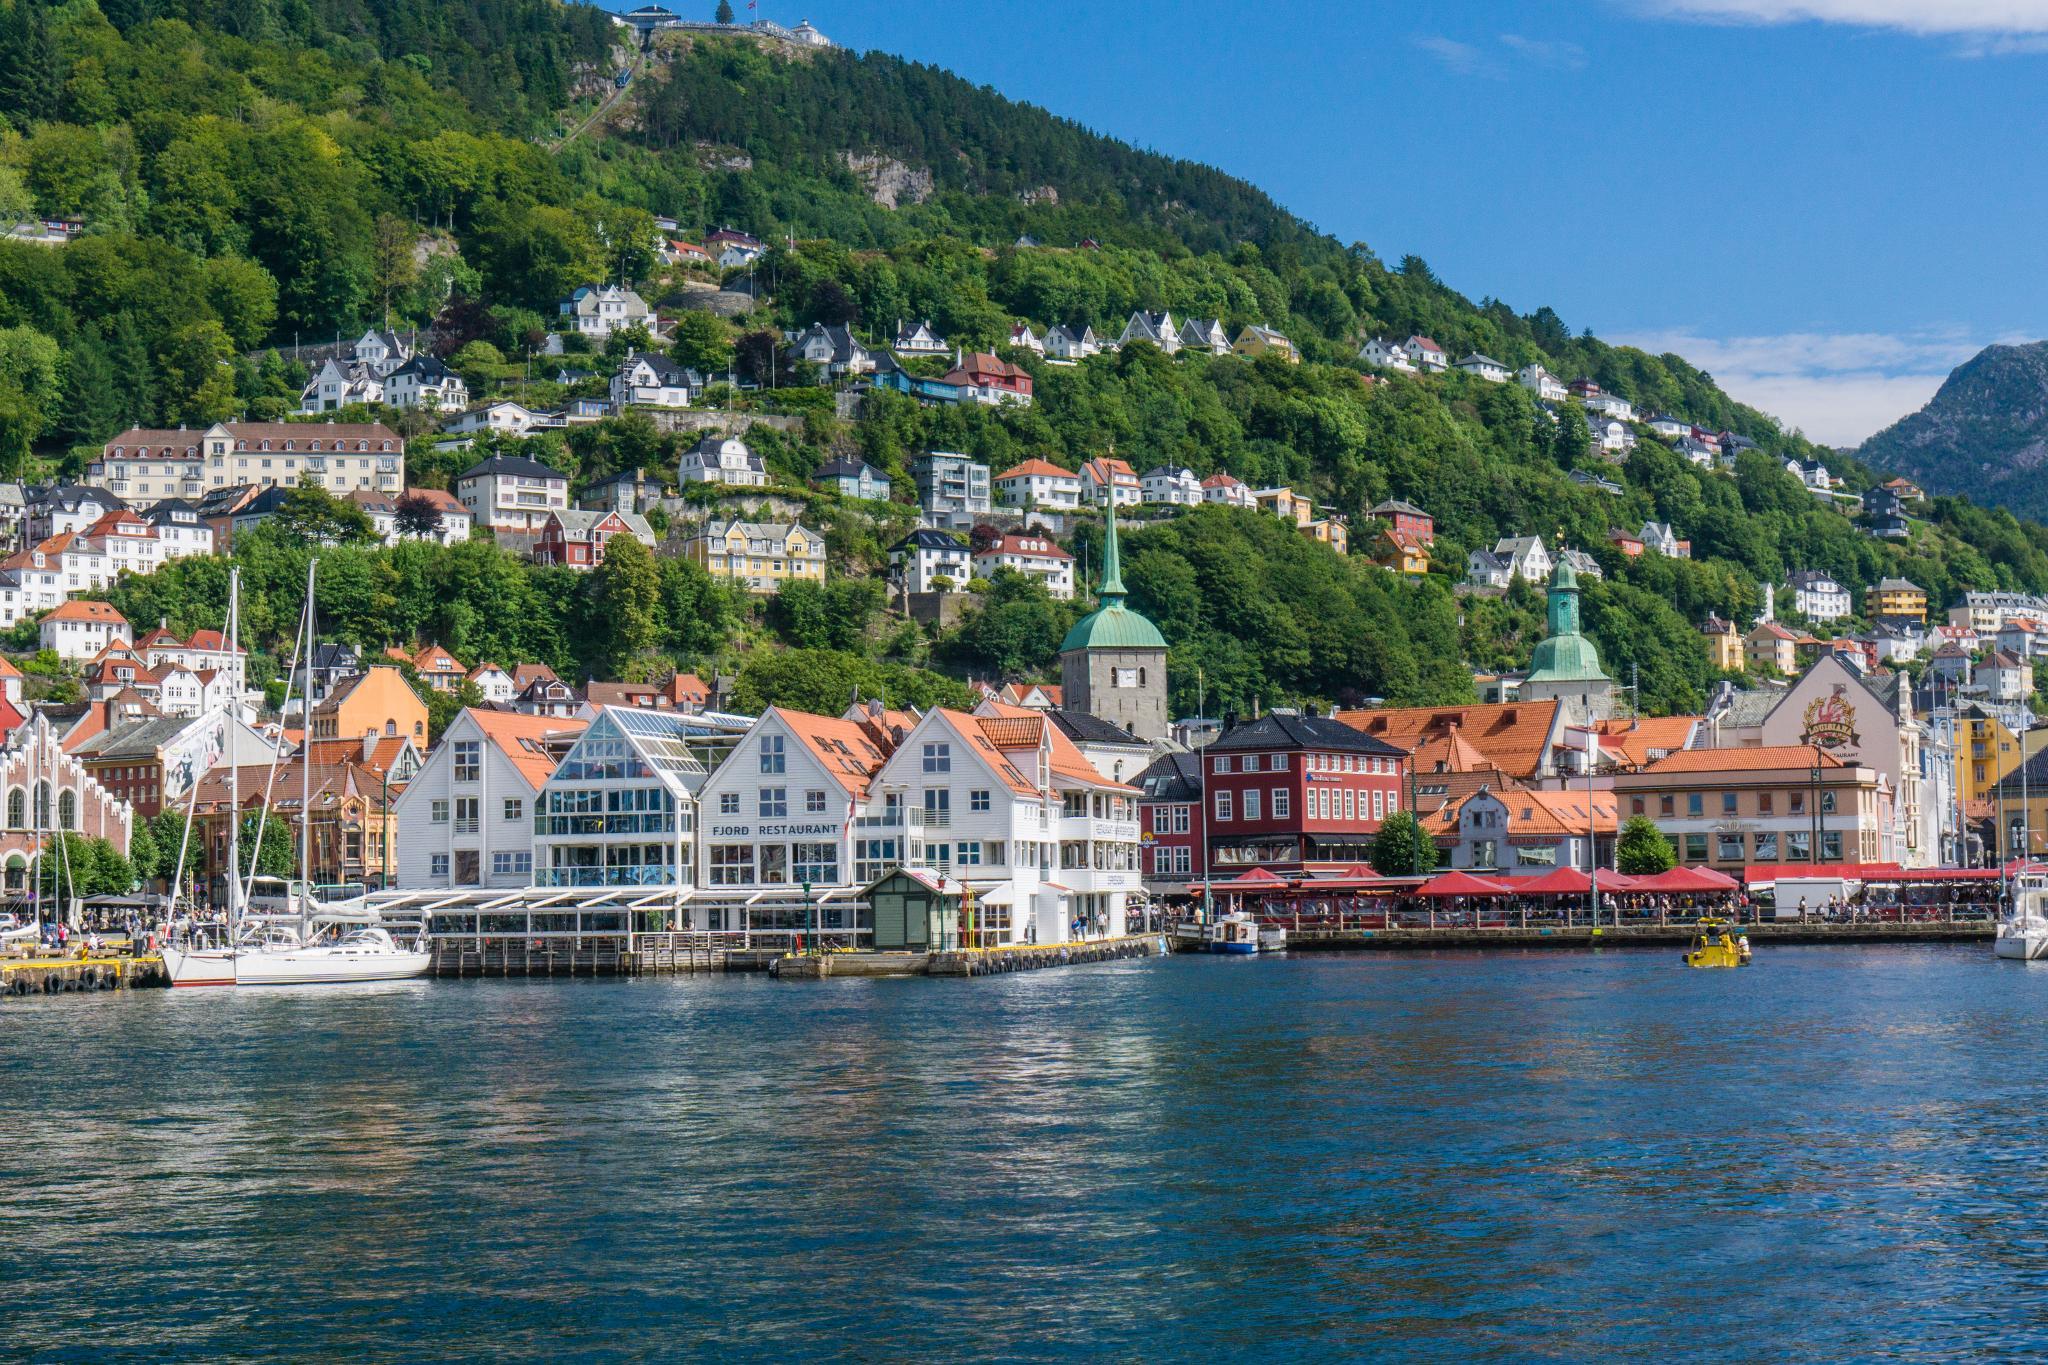 【卑爾根】Bryggen 世界遺產布呂根 — 迷失在百年歷史的挪威彩色木屋 38